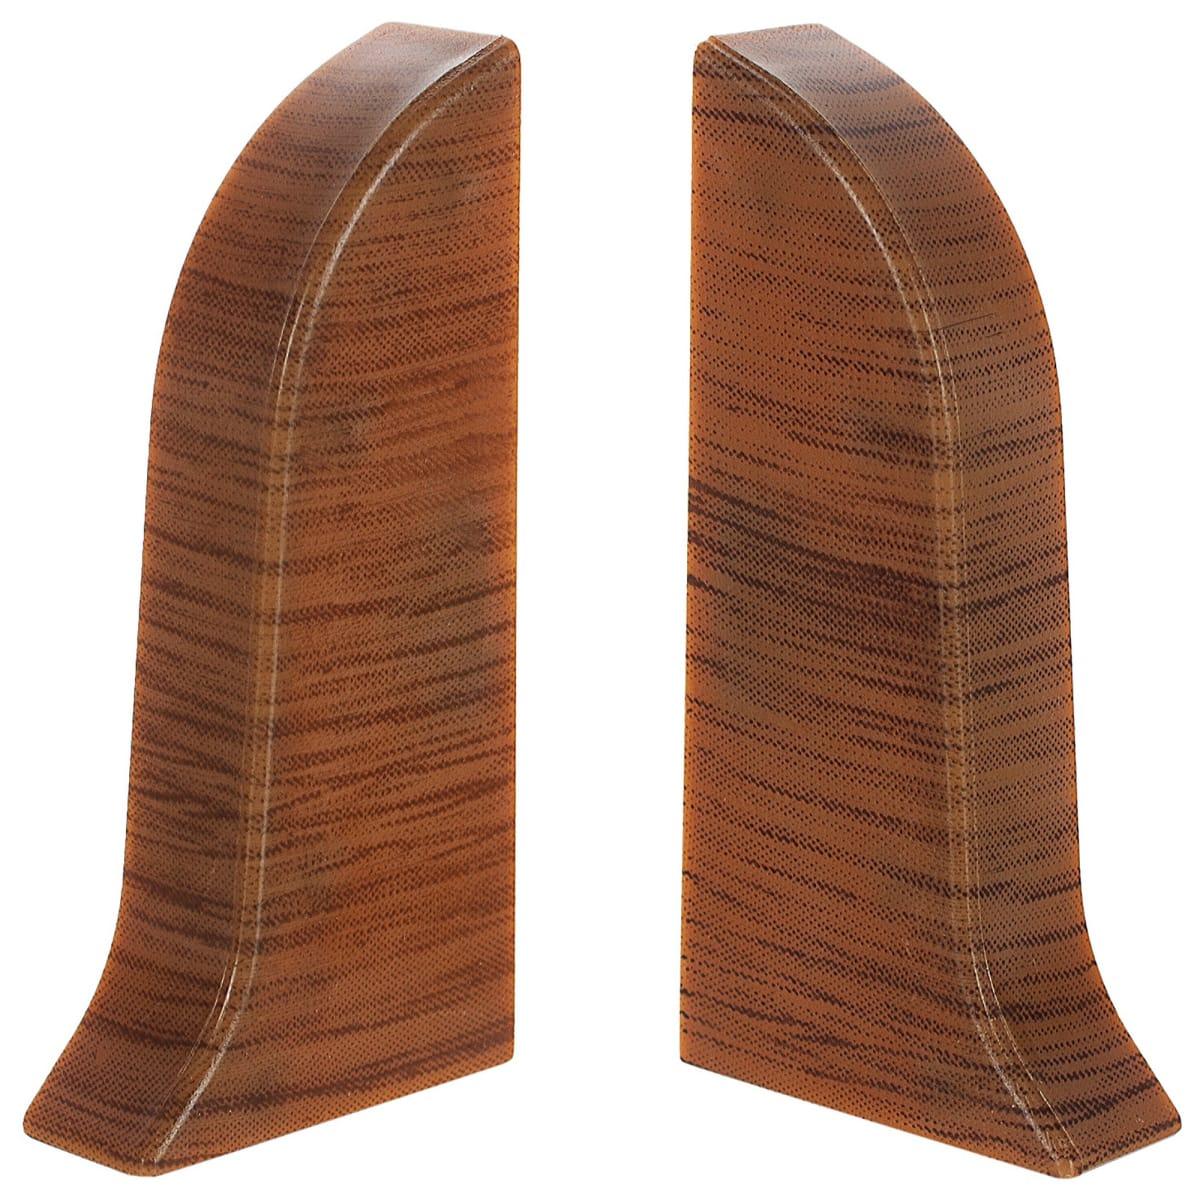 Заглушка для плинтуса левая и правая «Осина Обыкновенная» 47 мм 2 шт.